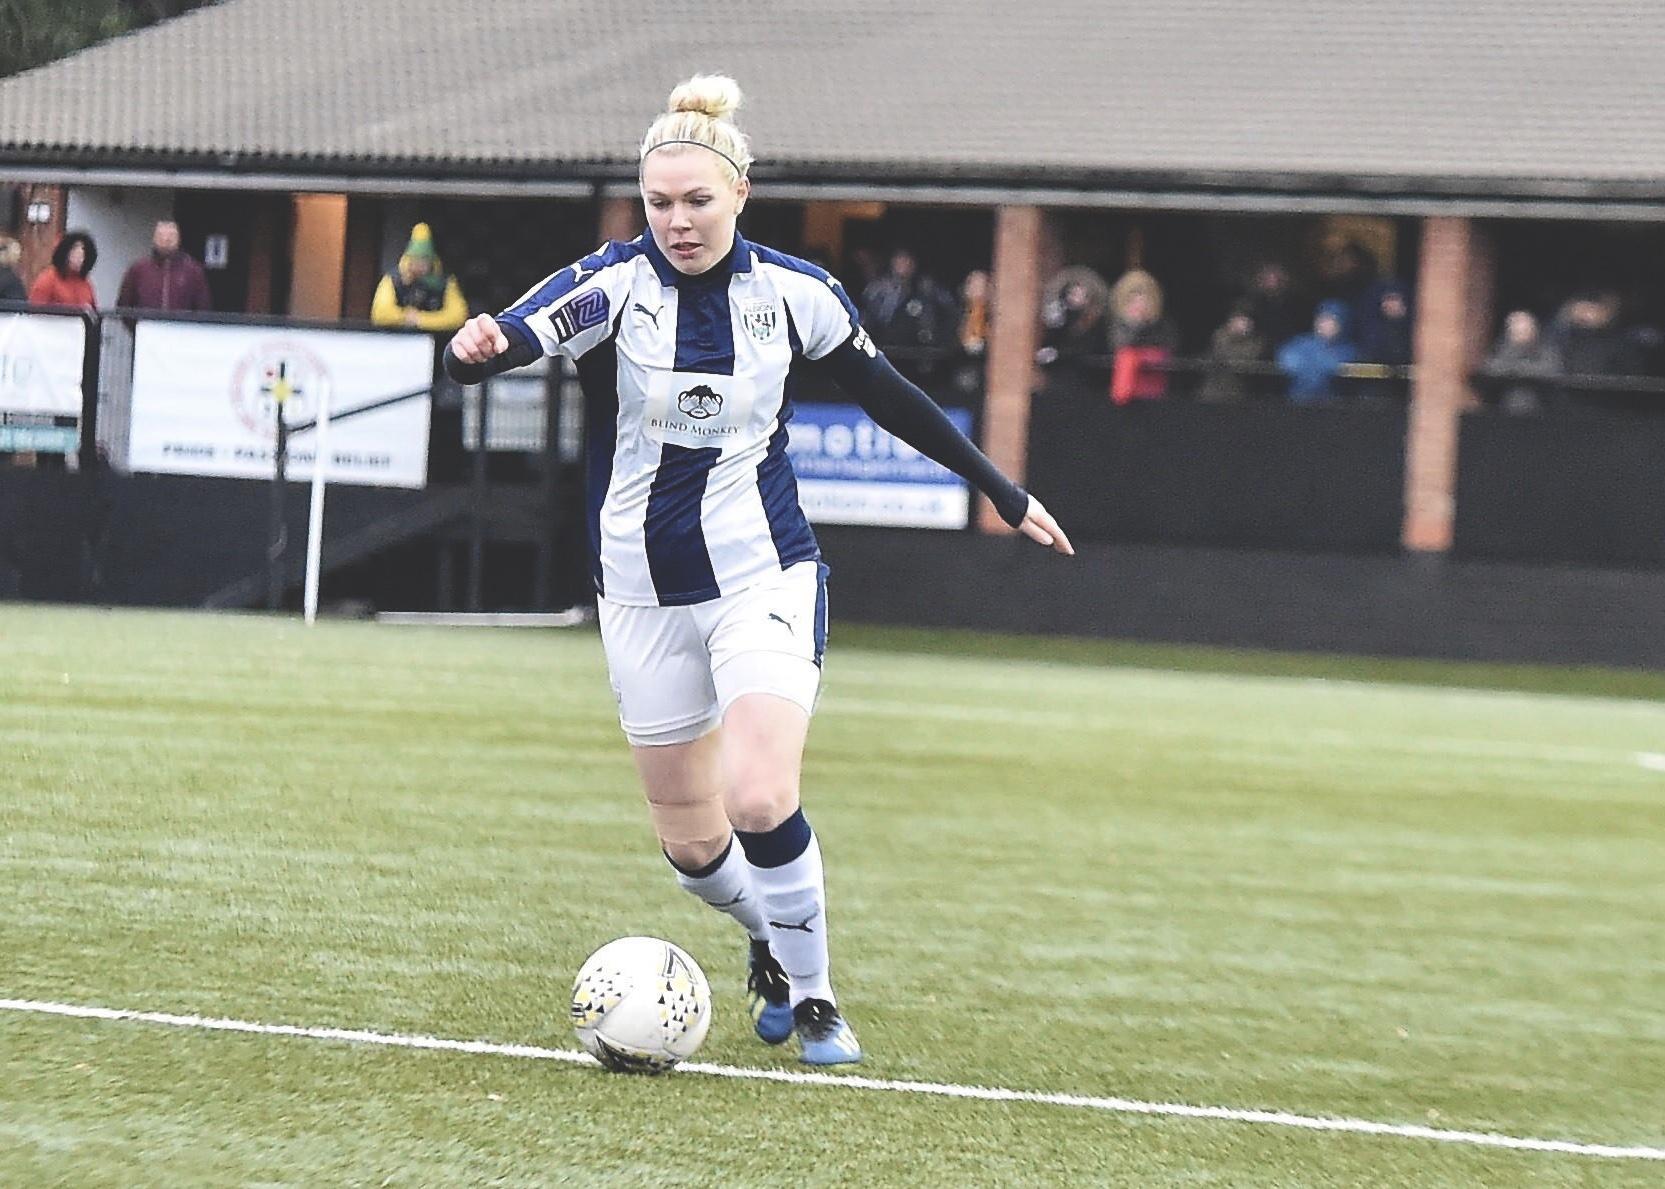 West Bromwich Albion Women captain Hannah George